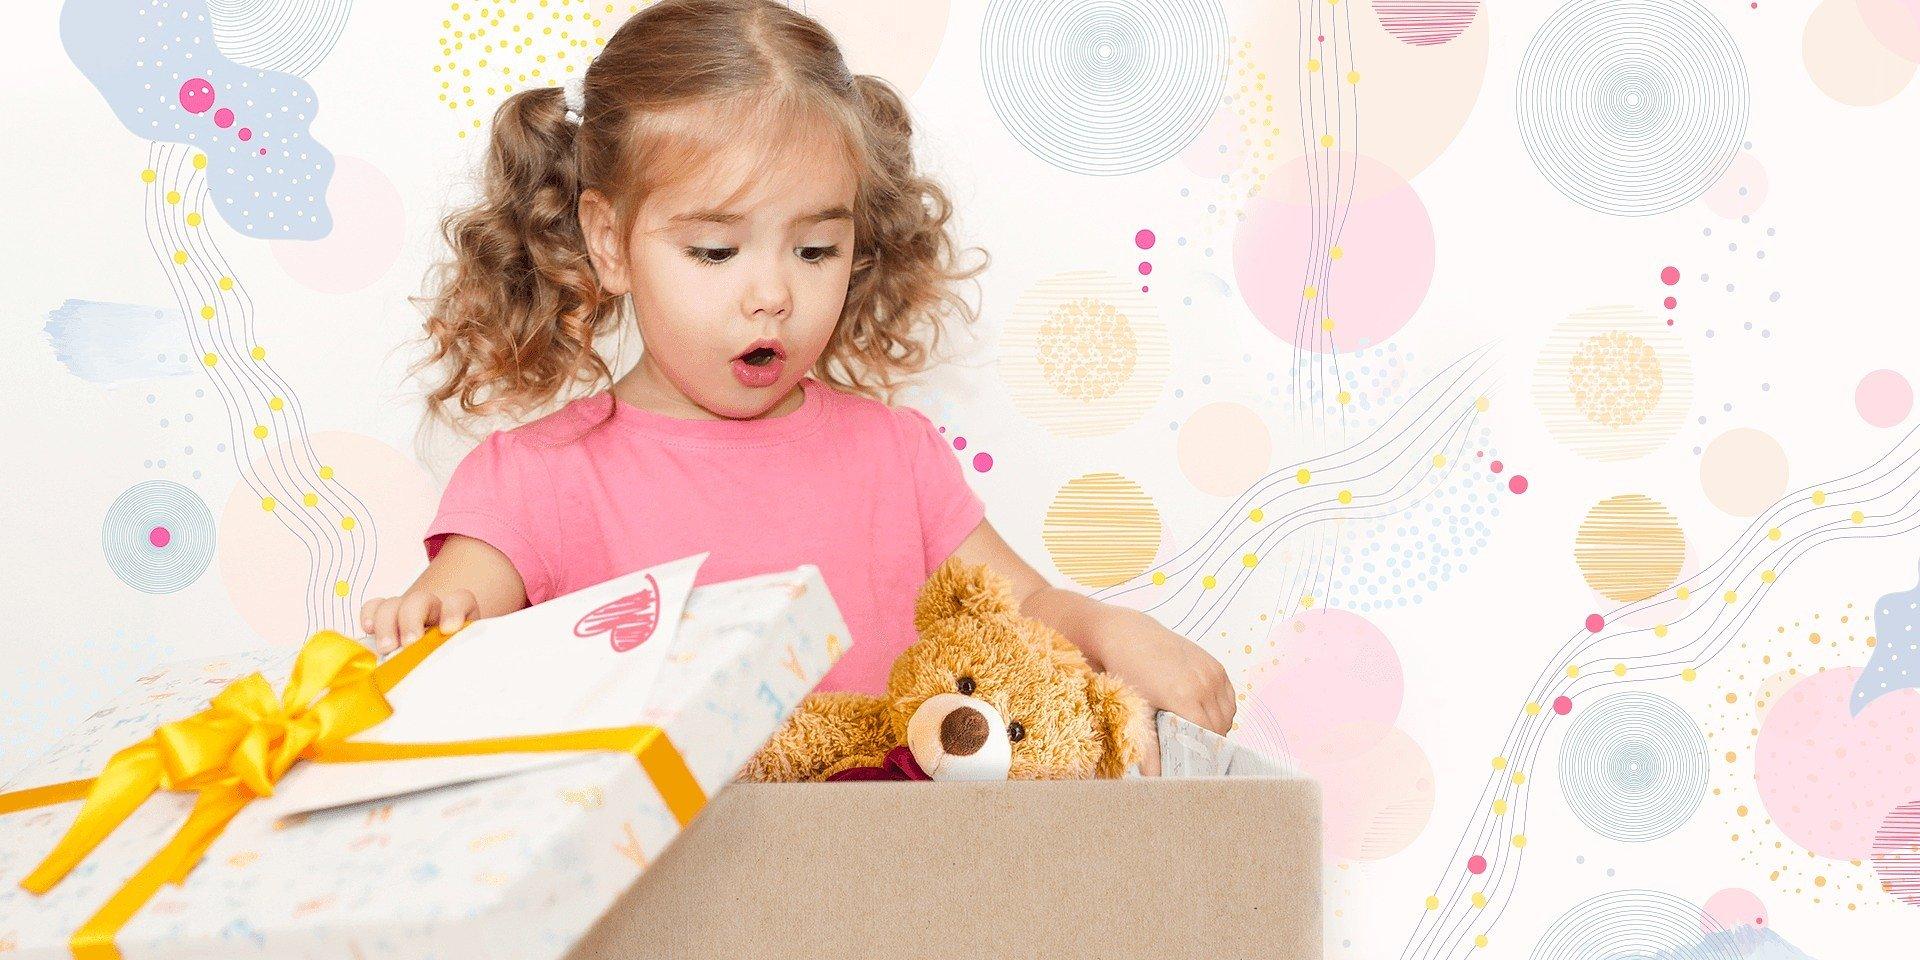 Jaki prezent na Dzień Dziecka? Oto zabawki sprawdzone przez pokolenia